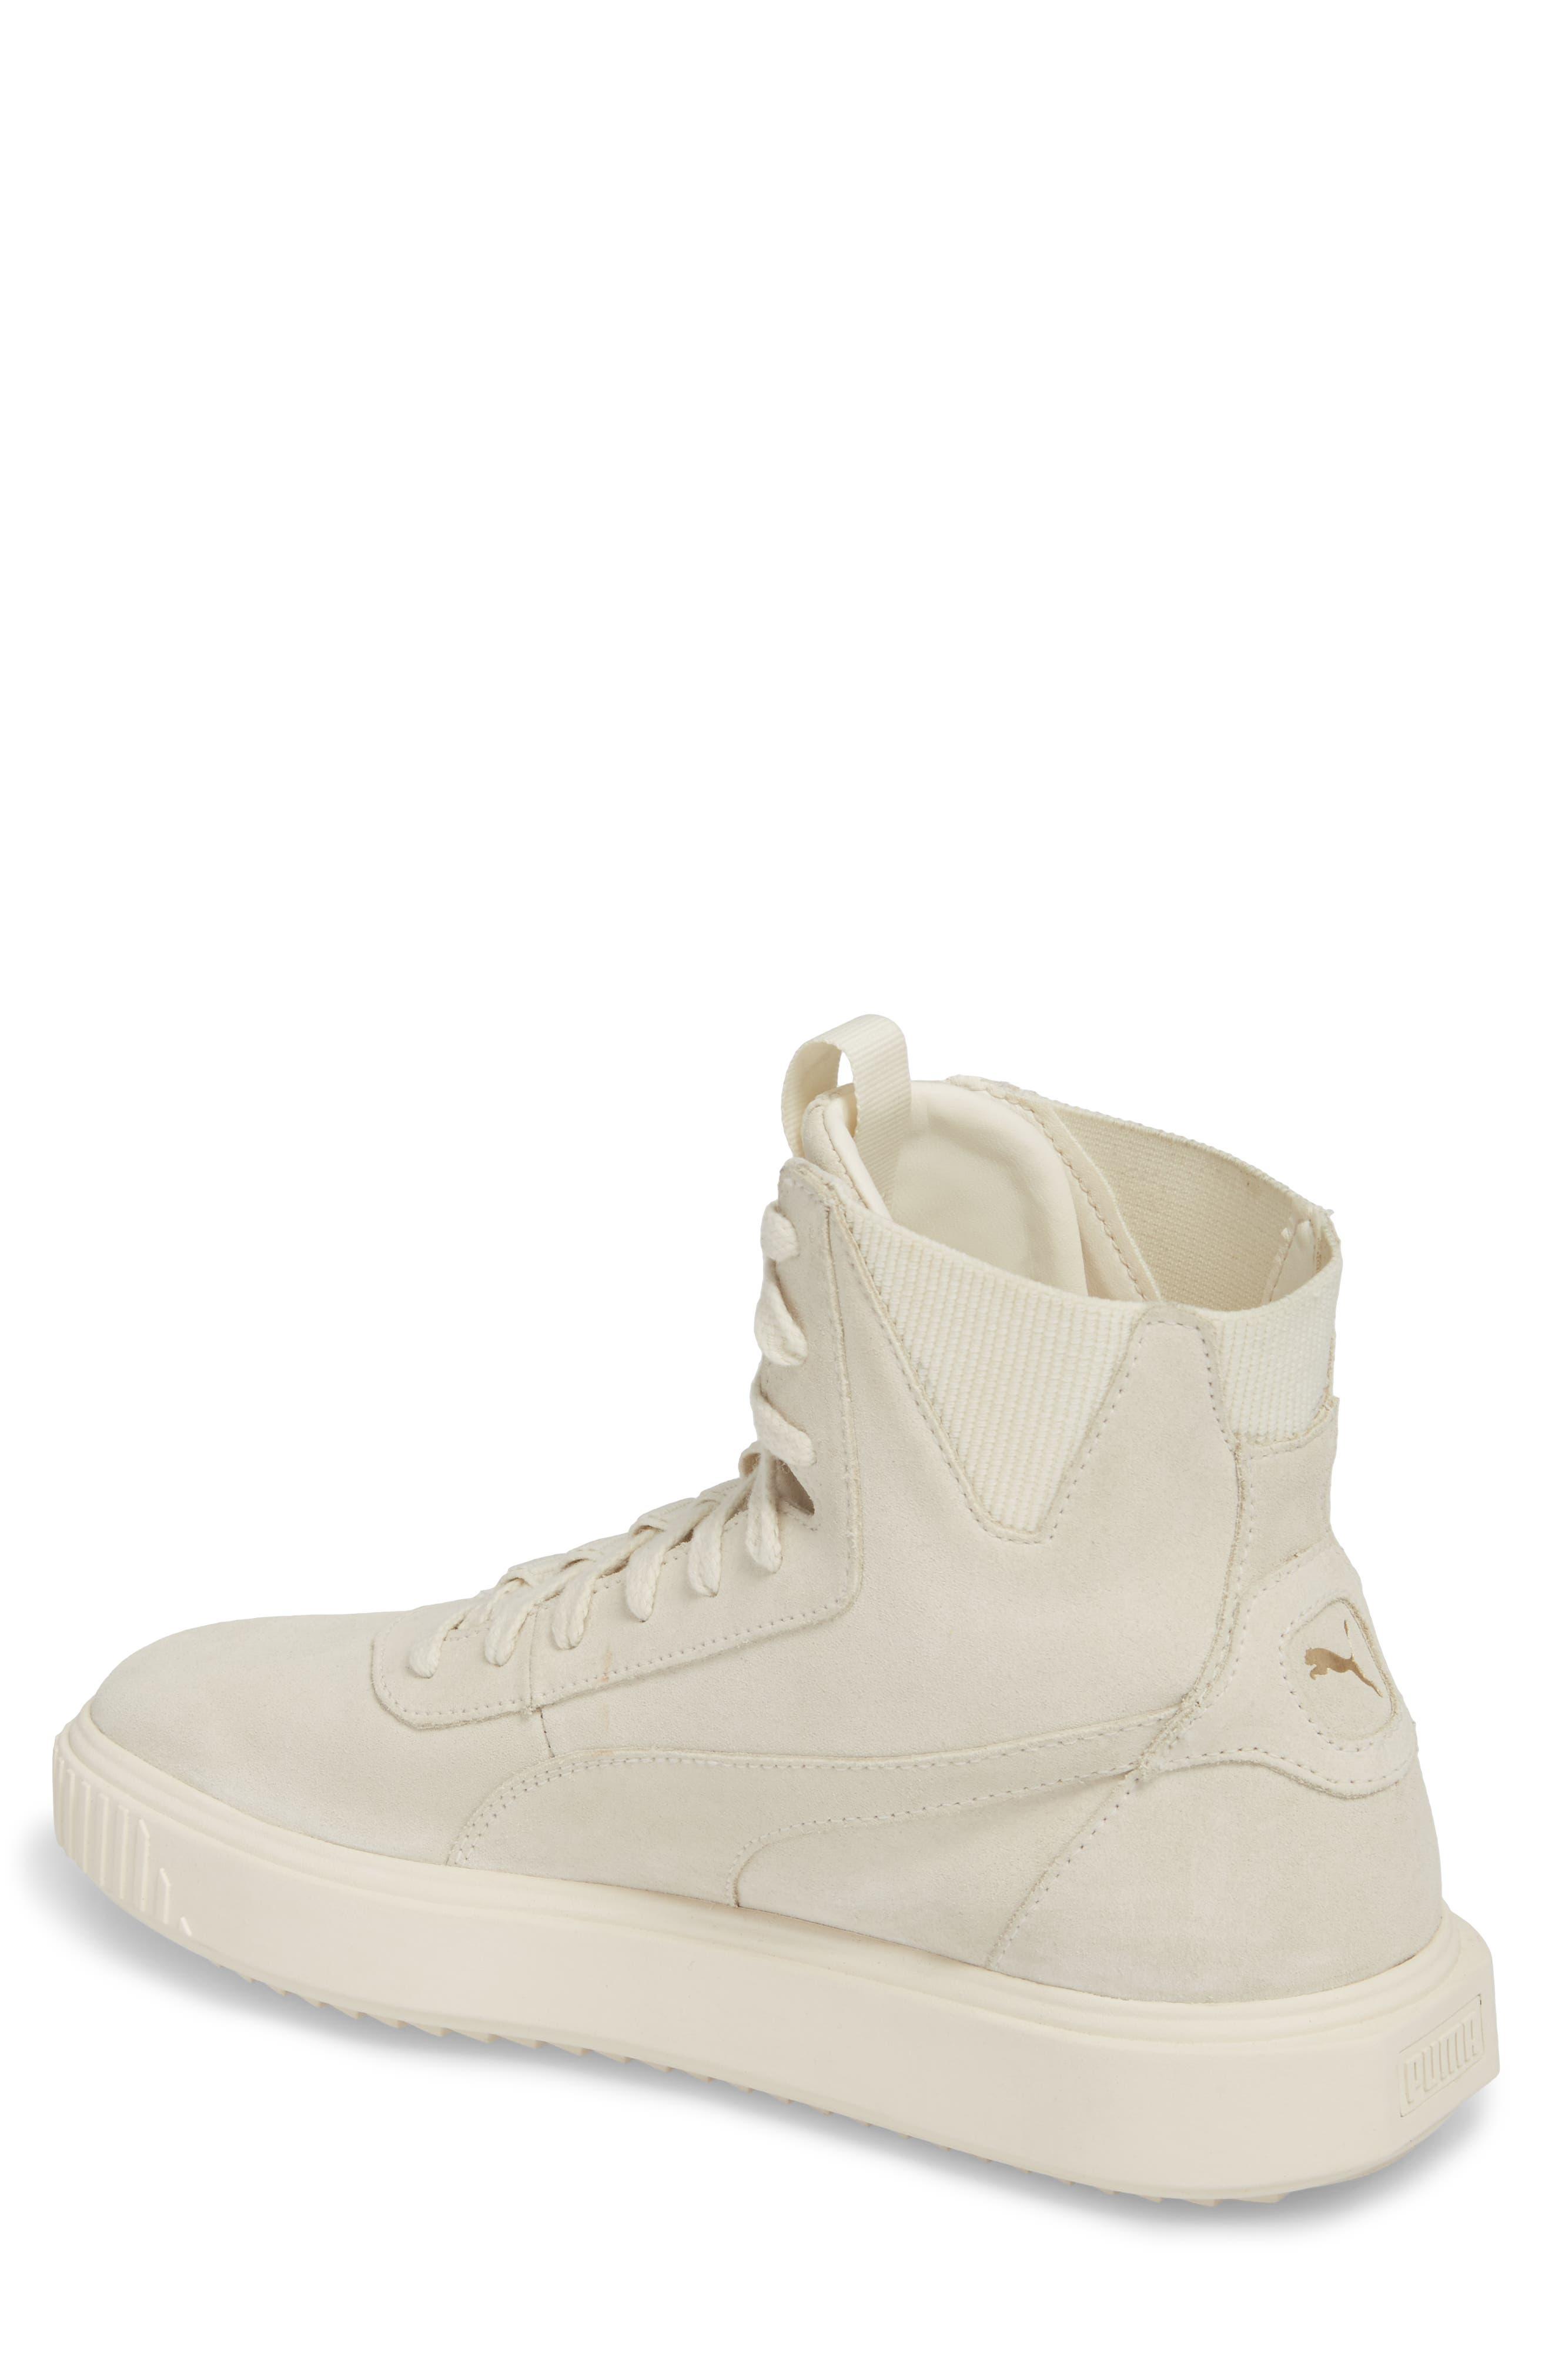 Breaker High Top Sneaker,                             Alternate thumbnail 2, color,                             WHITE